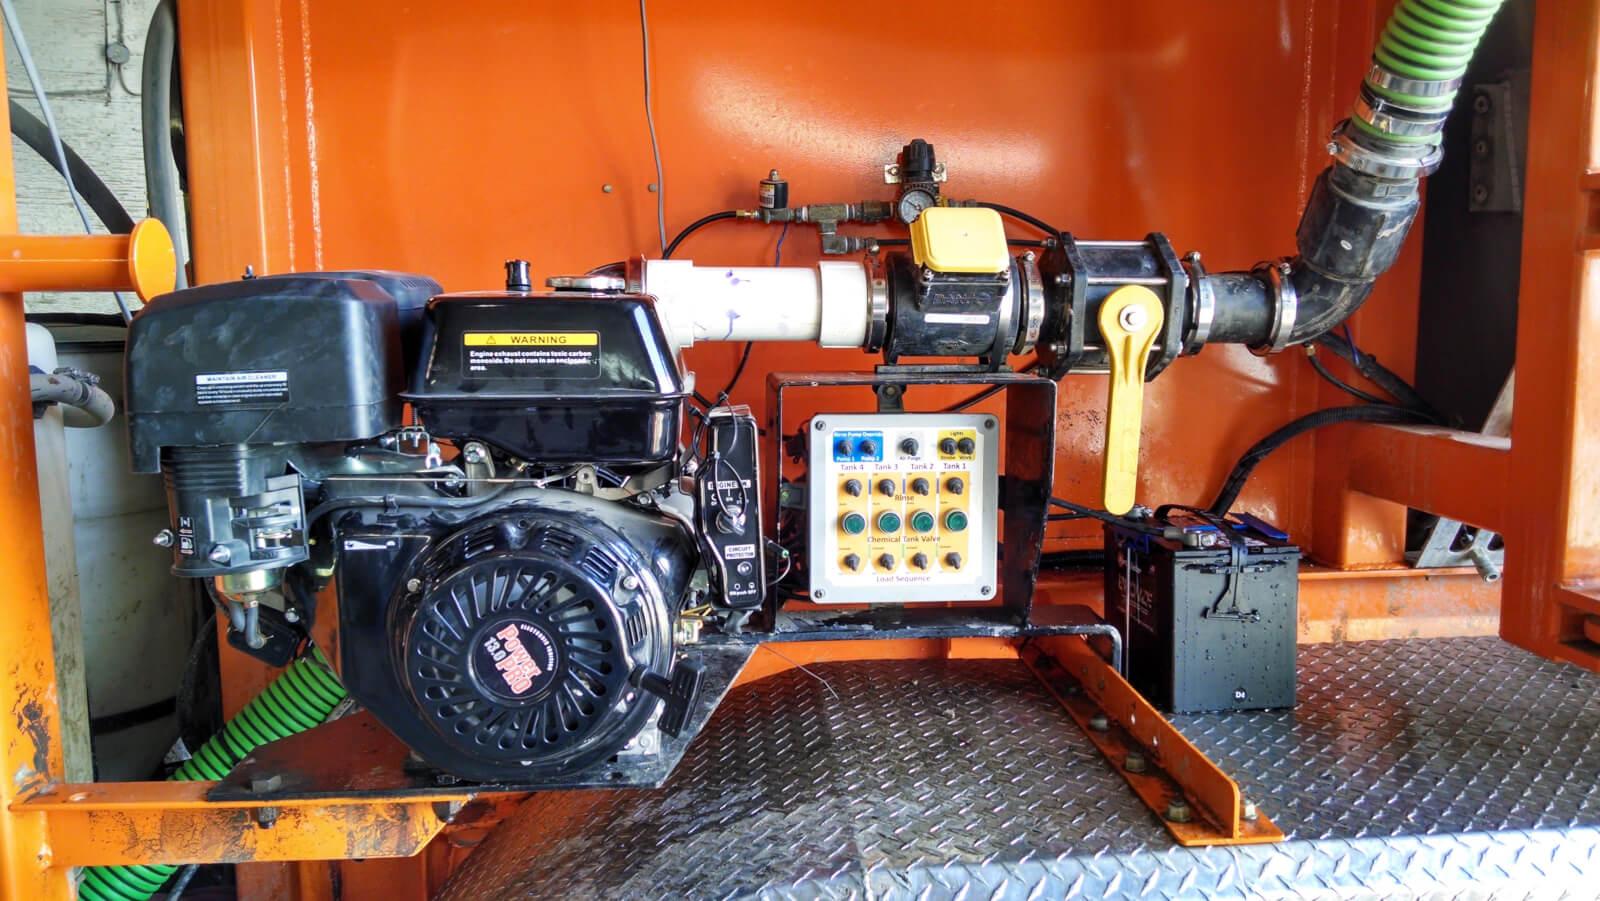 Sprayer Nurse Truck Designs Sprayers 101 Fire Engine Pump Panel Diagram Landon Friesen 11